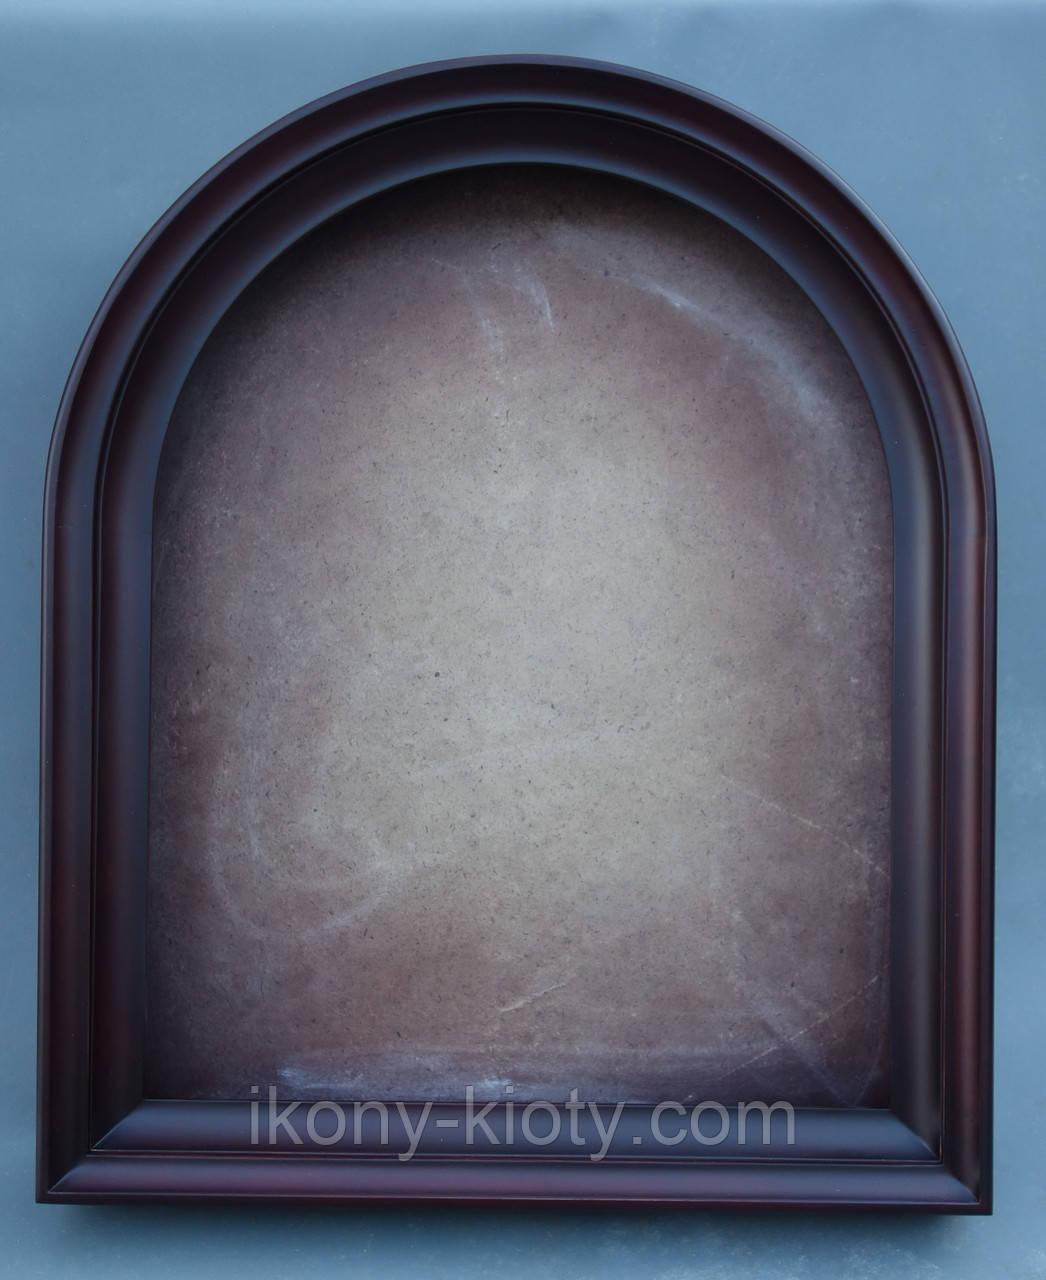 Киот для арочной иконы, с внутренней деревянной рамой, открывающийся.